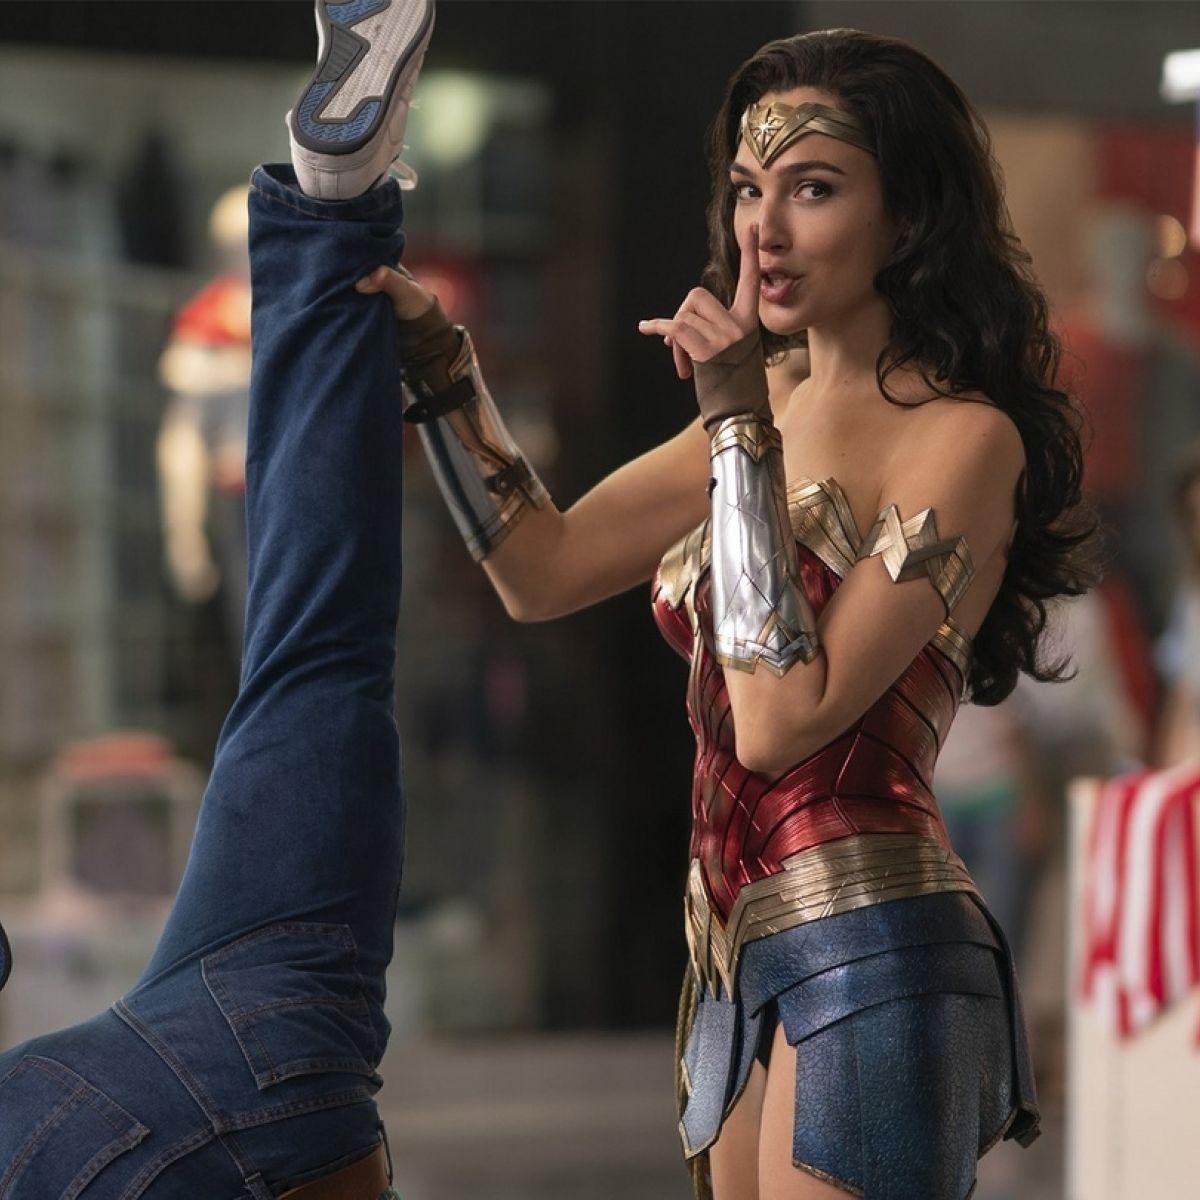 Wonder Woman 1984 review: The best superhero film to see cinemas in 2020